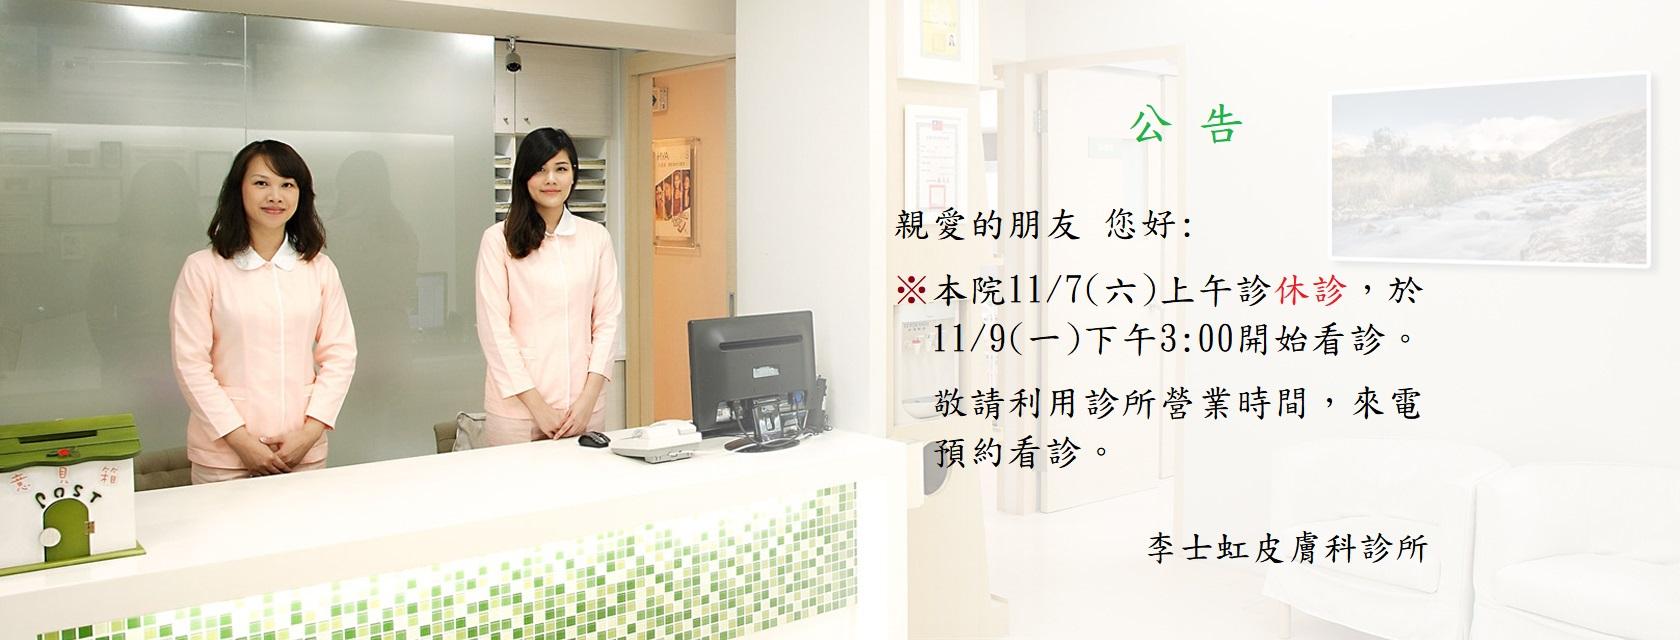 李士虹皮膚科網站底圖banner - 複製 (14)